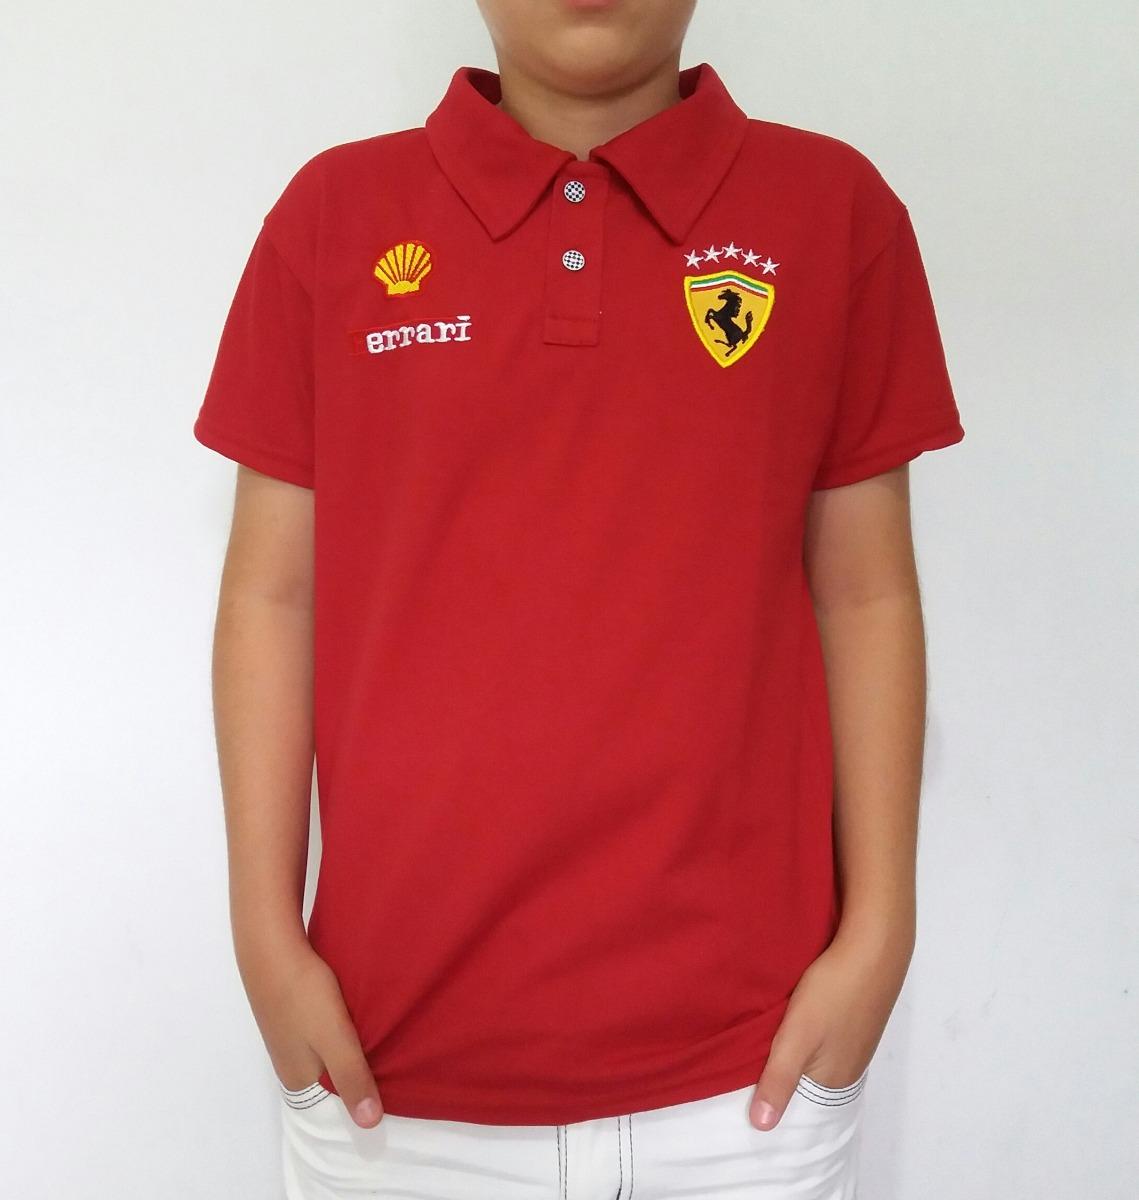 89f5813054 ... Camisa Camiseta Polo Infantil Ferrari Do 2 Ao 14 Anos - R 39